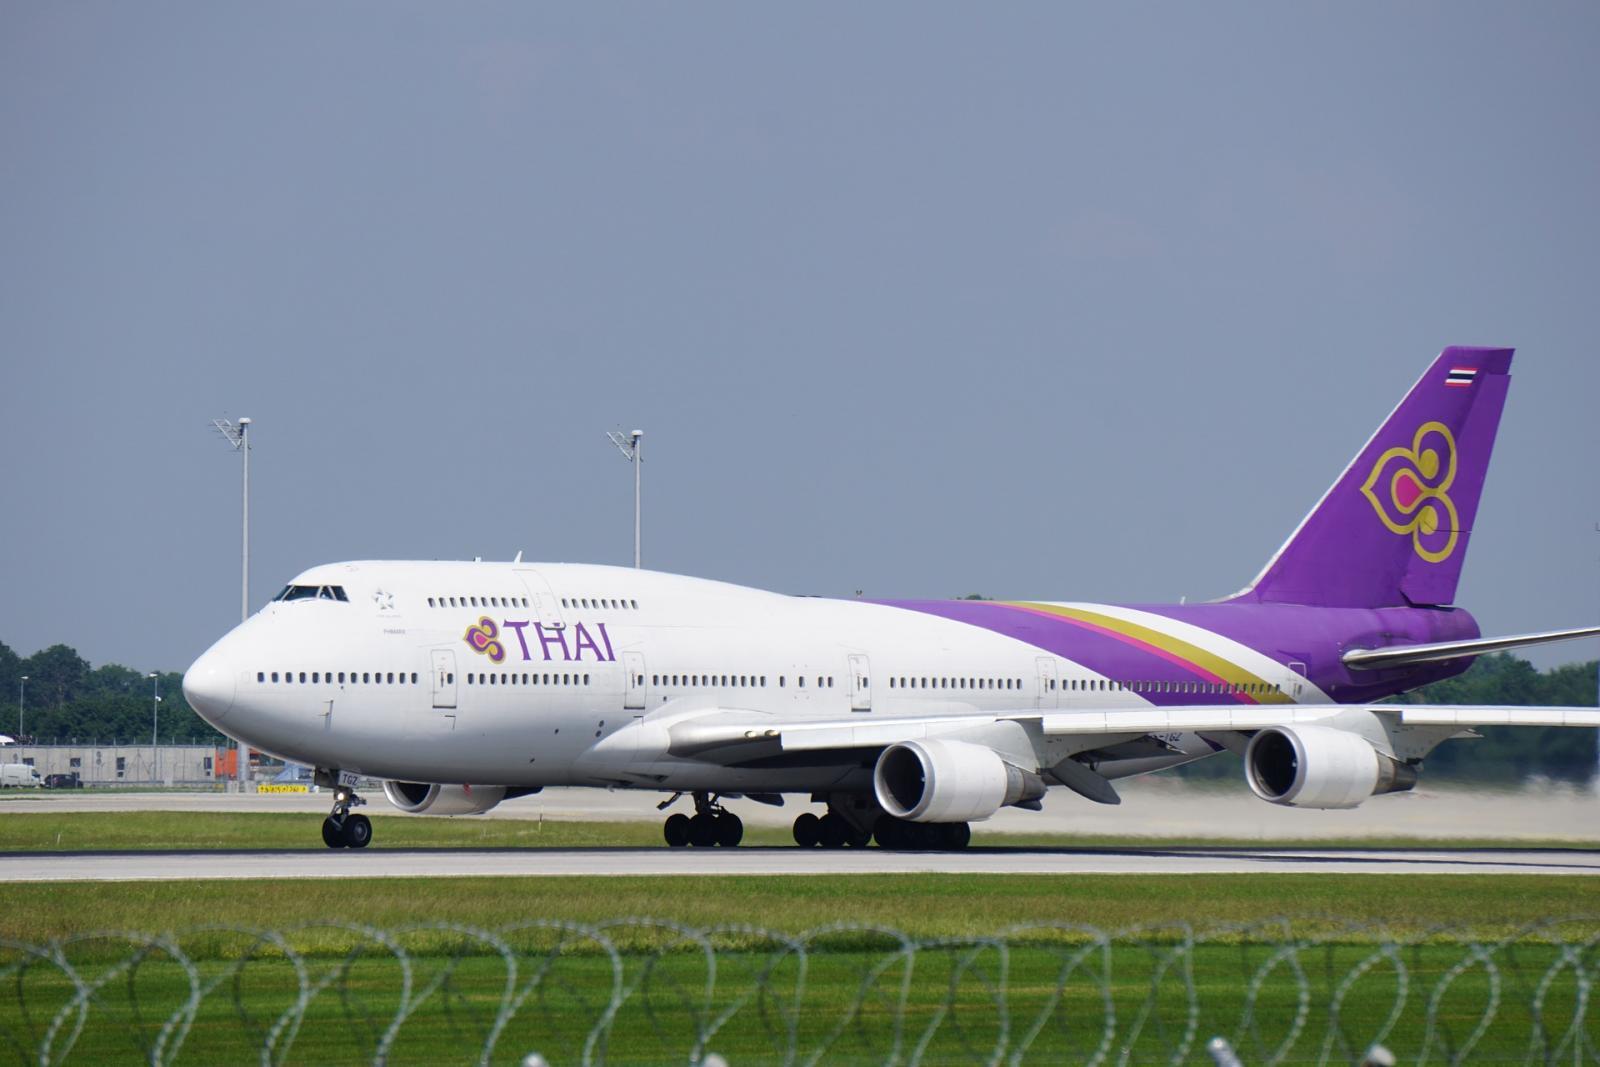 การบินไทย ครึ่งปีขาดทุน  6.8 พันล้านบาท สูงกว่าปีก่อน 122.9%